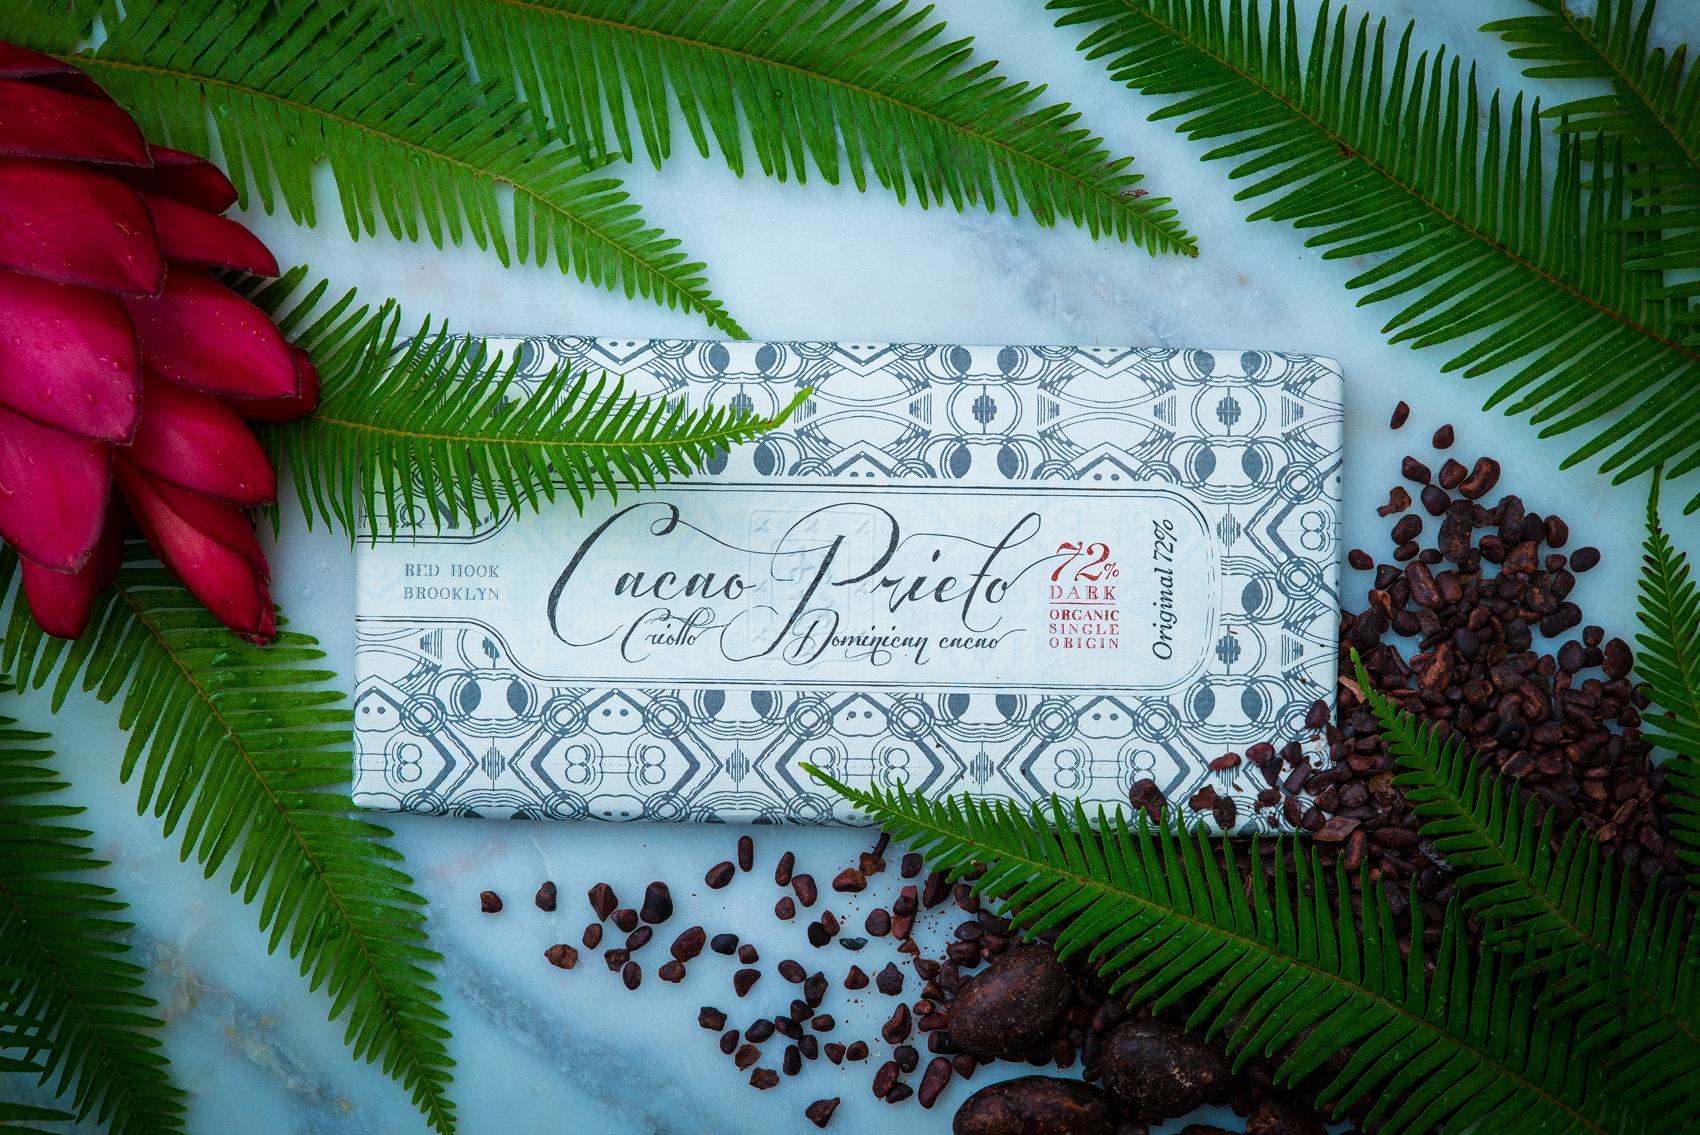 Cacao_Prieto-00023 copy.JPG